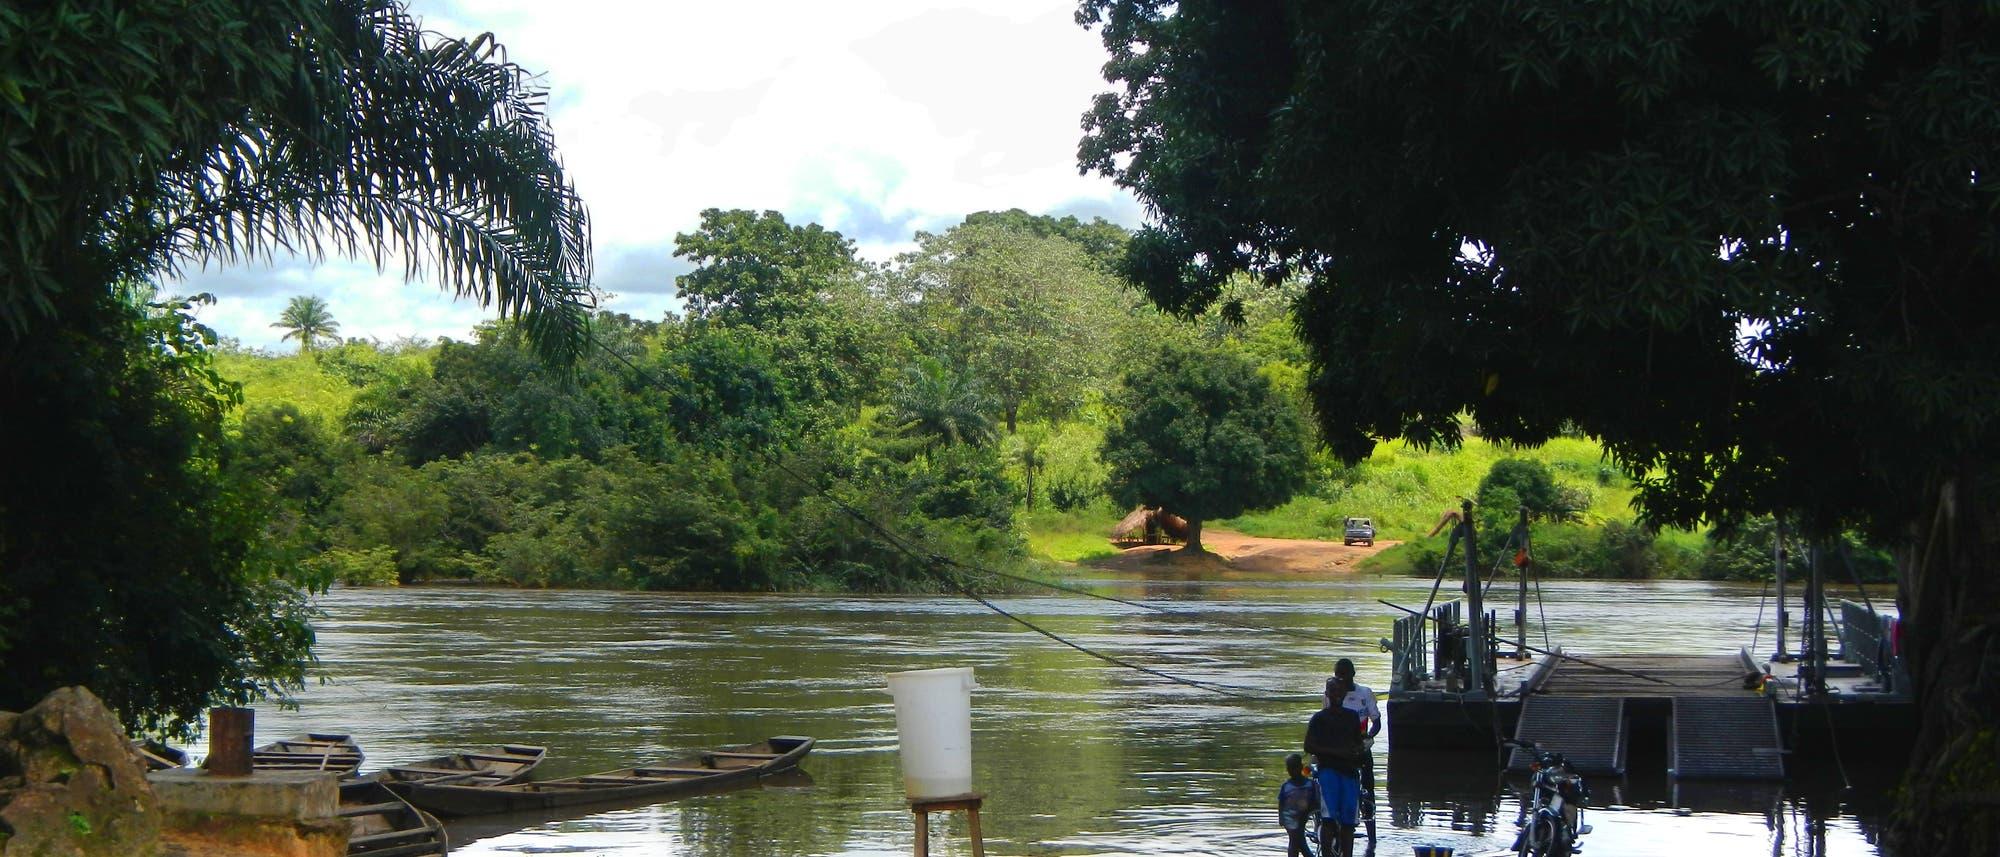 Der Ebolaausbruch von 2014 führte vor Augen, wie schnell Epidemien politische und ökologische Barrieren überwinden können. Das Bild zeigt einen Grenzübergang zwischen Guinea, wo die Epidemie begann, und Sierra Leone, wohin sich ihr Schwerpunkt als Nächstes verlagerte.